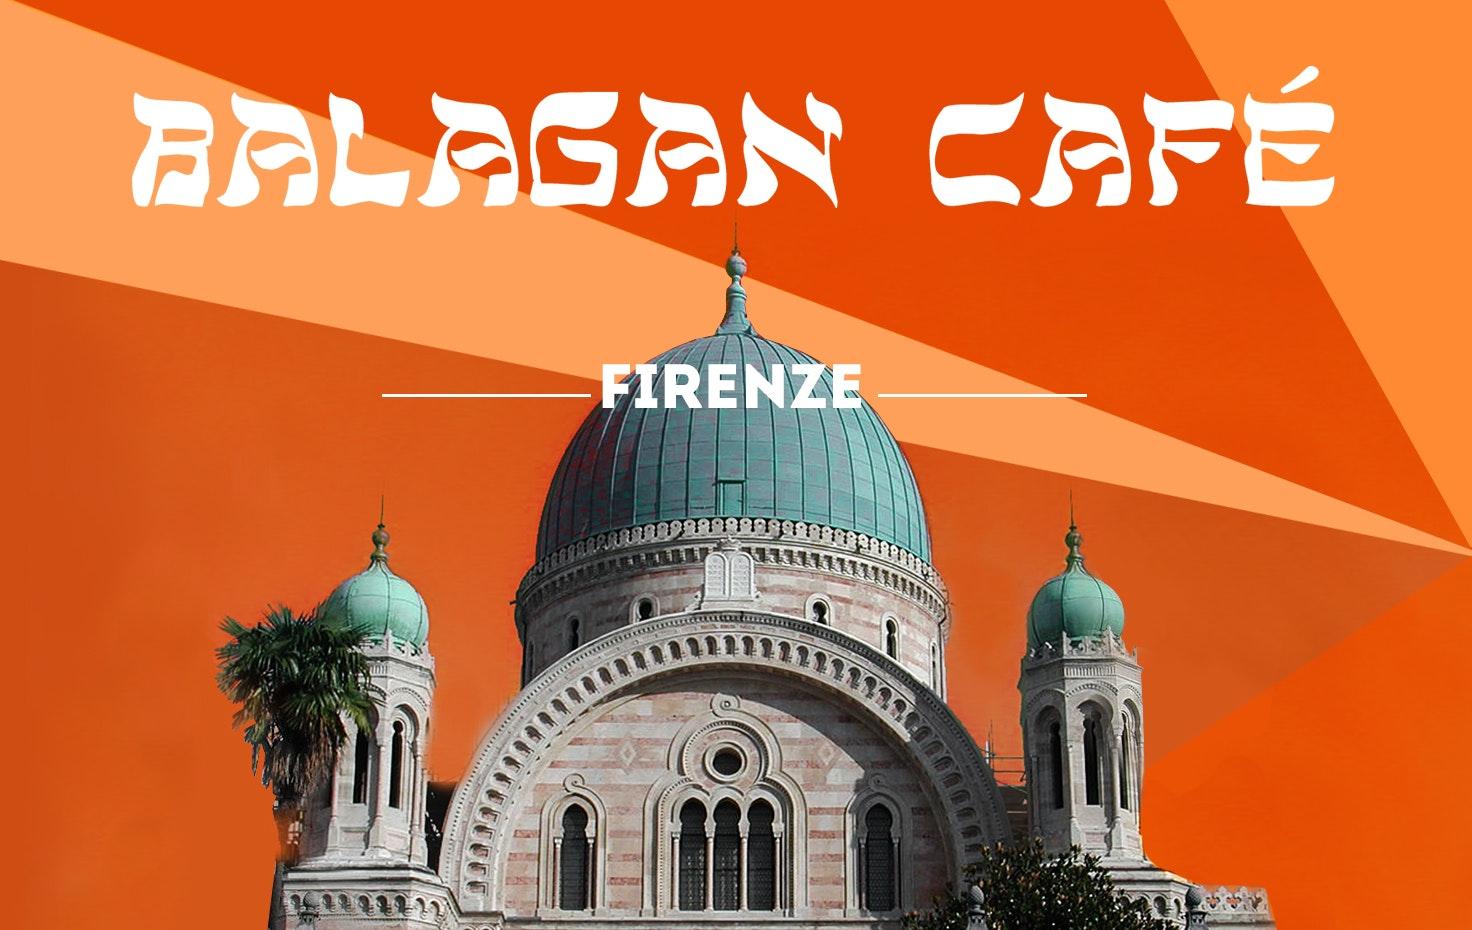 Balagan Cafè